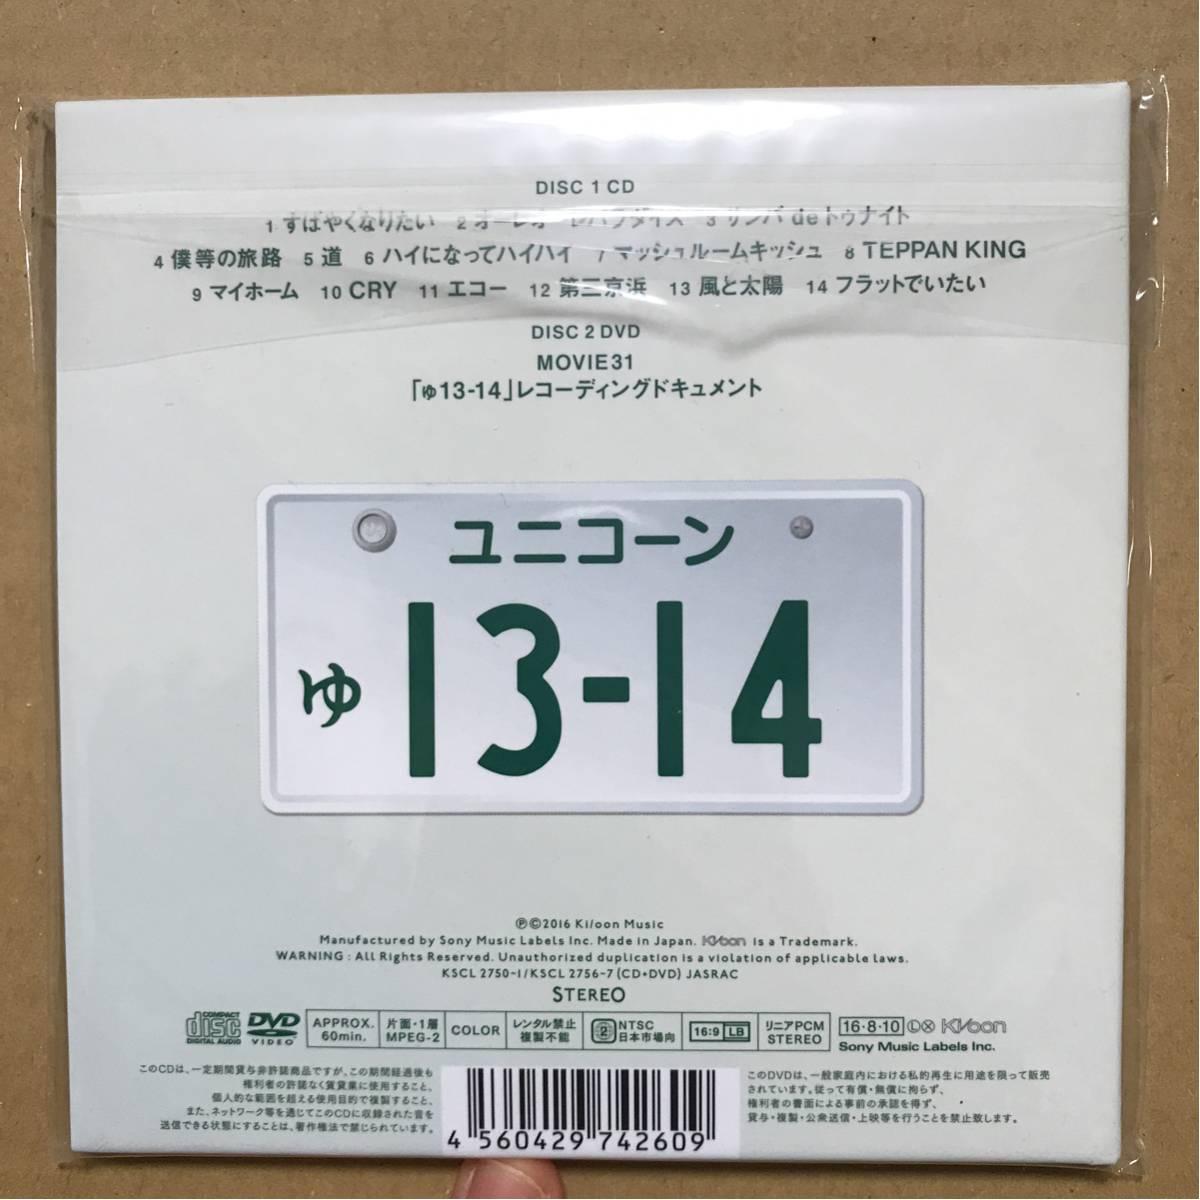 【新品】ユニコーン CD ゆ13-14 初回限定盤 DVD付き_画像2